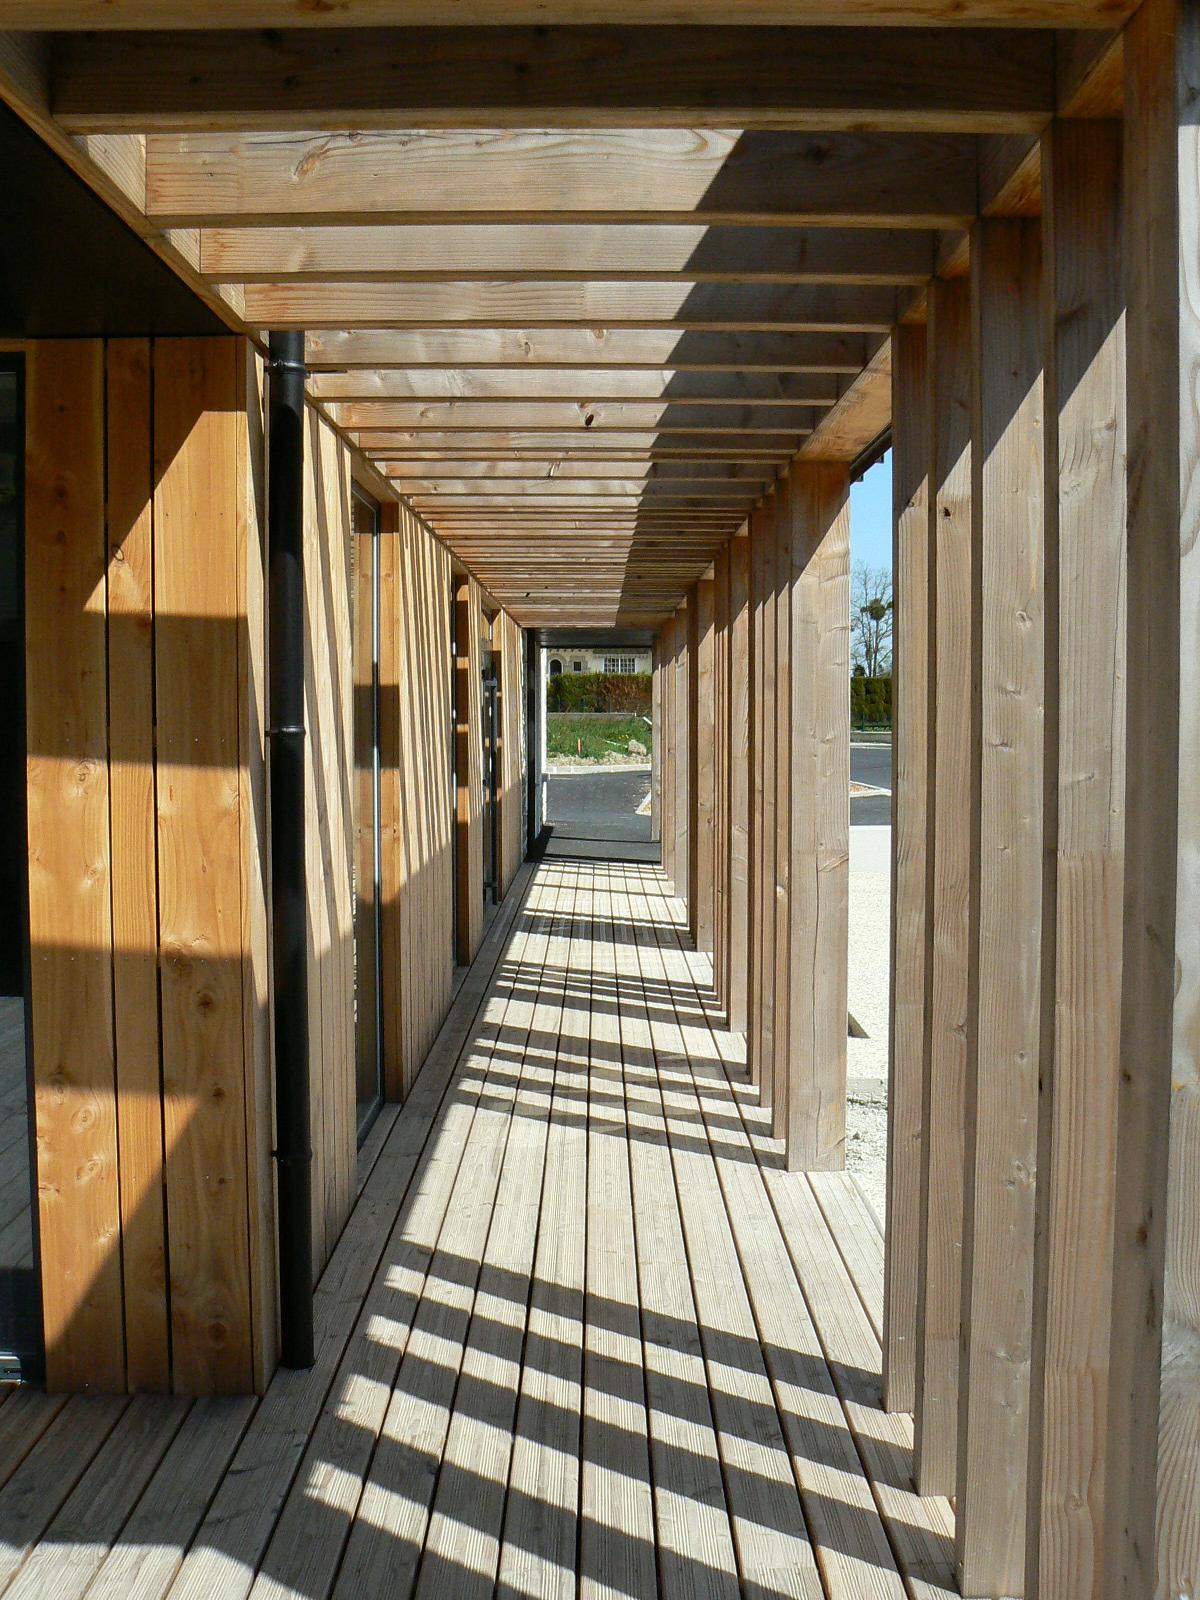 A5975a for Architecte dinan